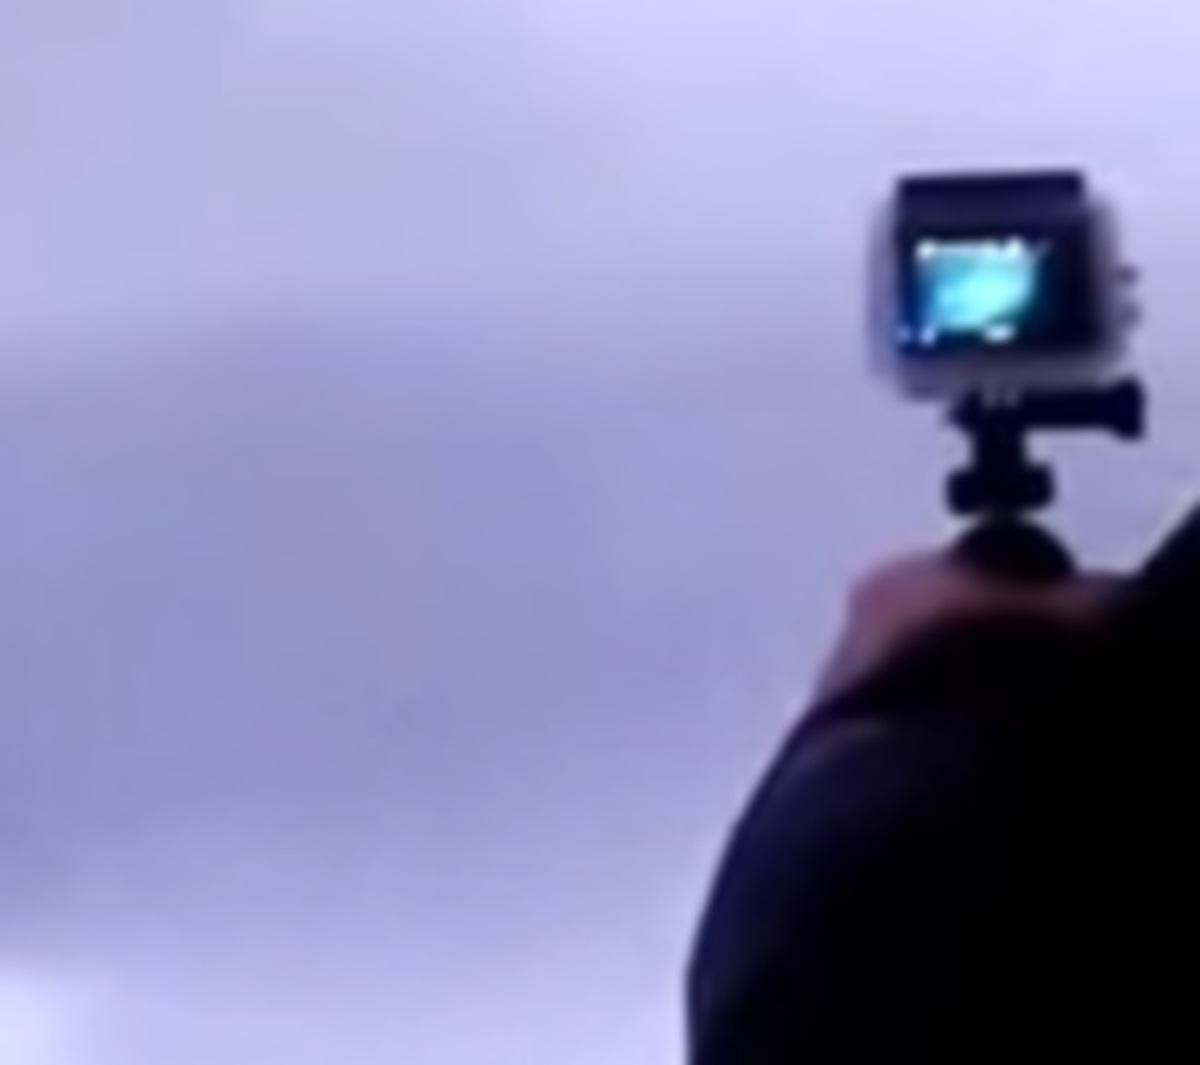 Αλόννησος: Το βίντεο του ηρωικού καπετάνιου – Ταξίδι πλοίου με 9 μποφόρ [vid]   Newsit.gr